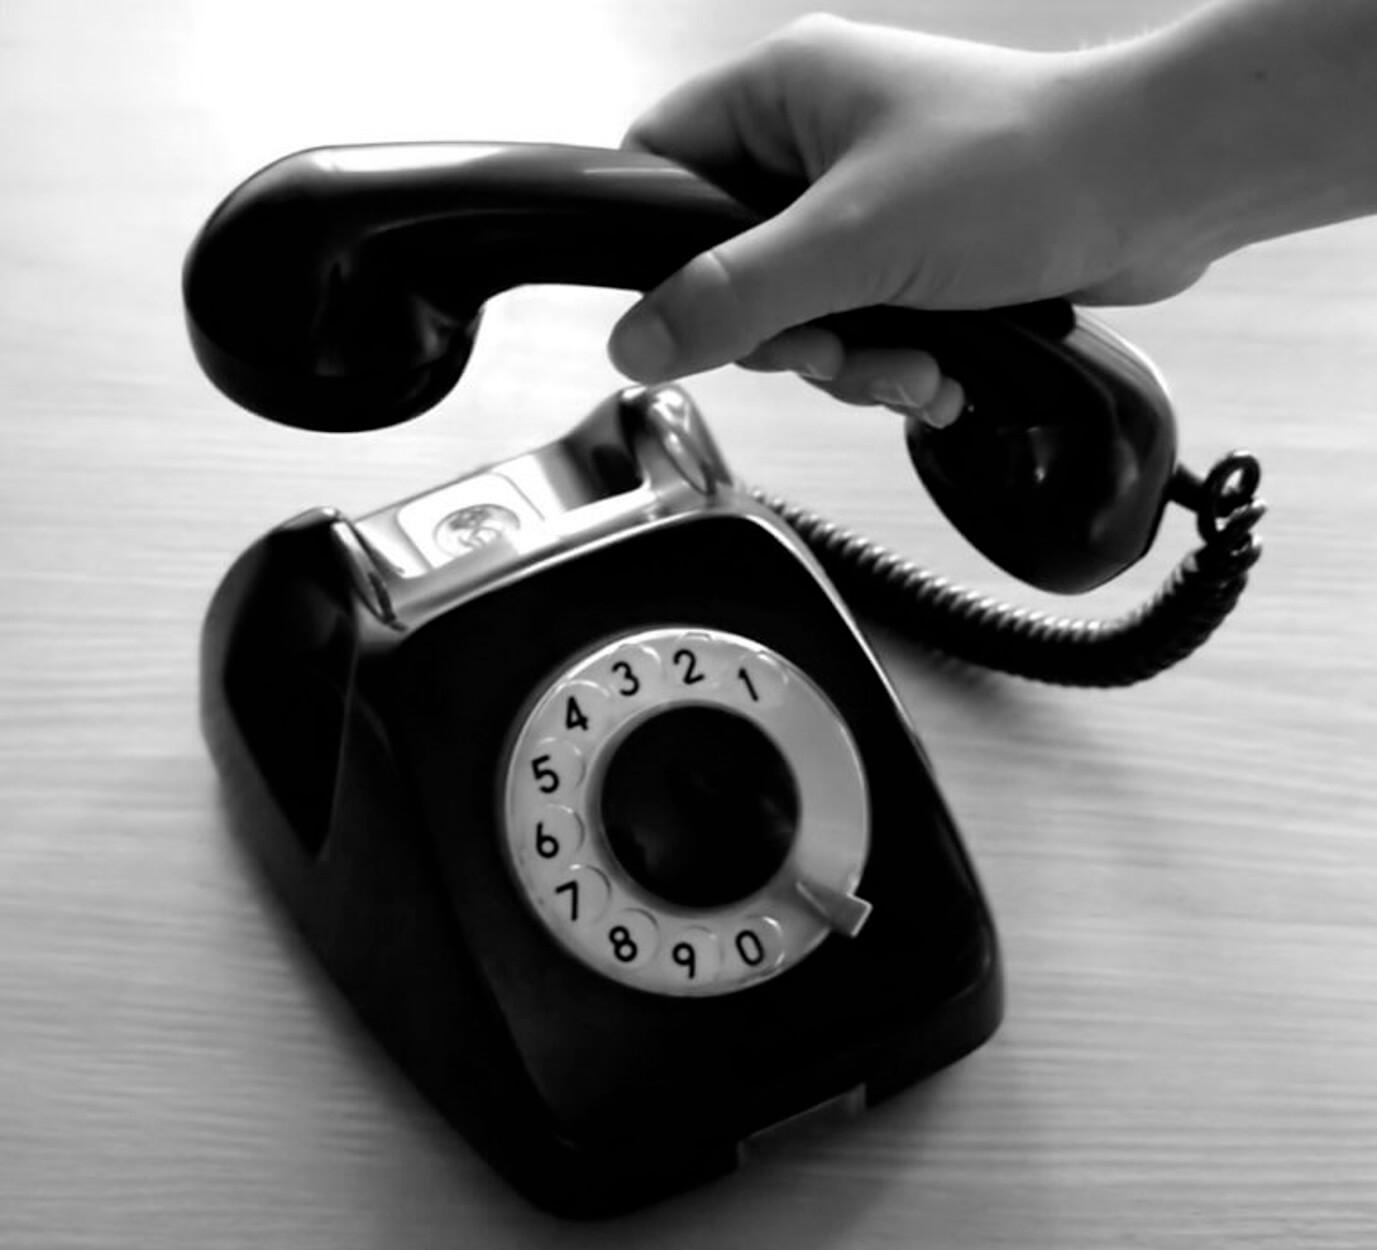 Προσοχή!Τηλεφωνική απάτη σε βάρος επιχειρήσεων - Τι μέτρα πρέπει να πάρετε